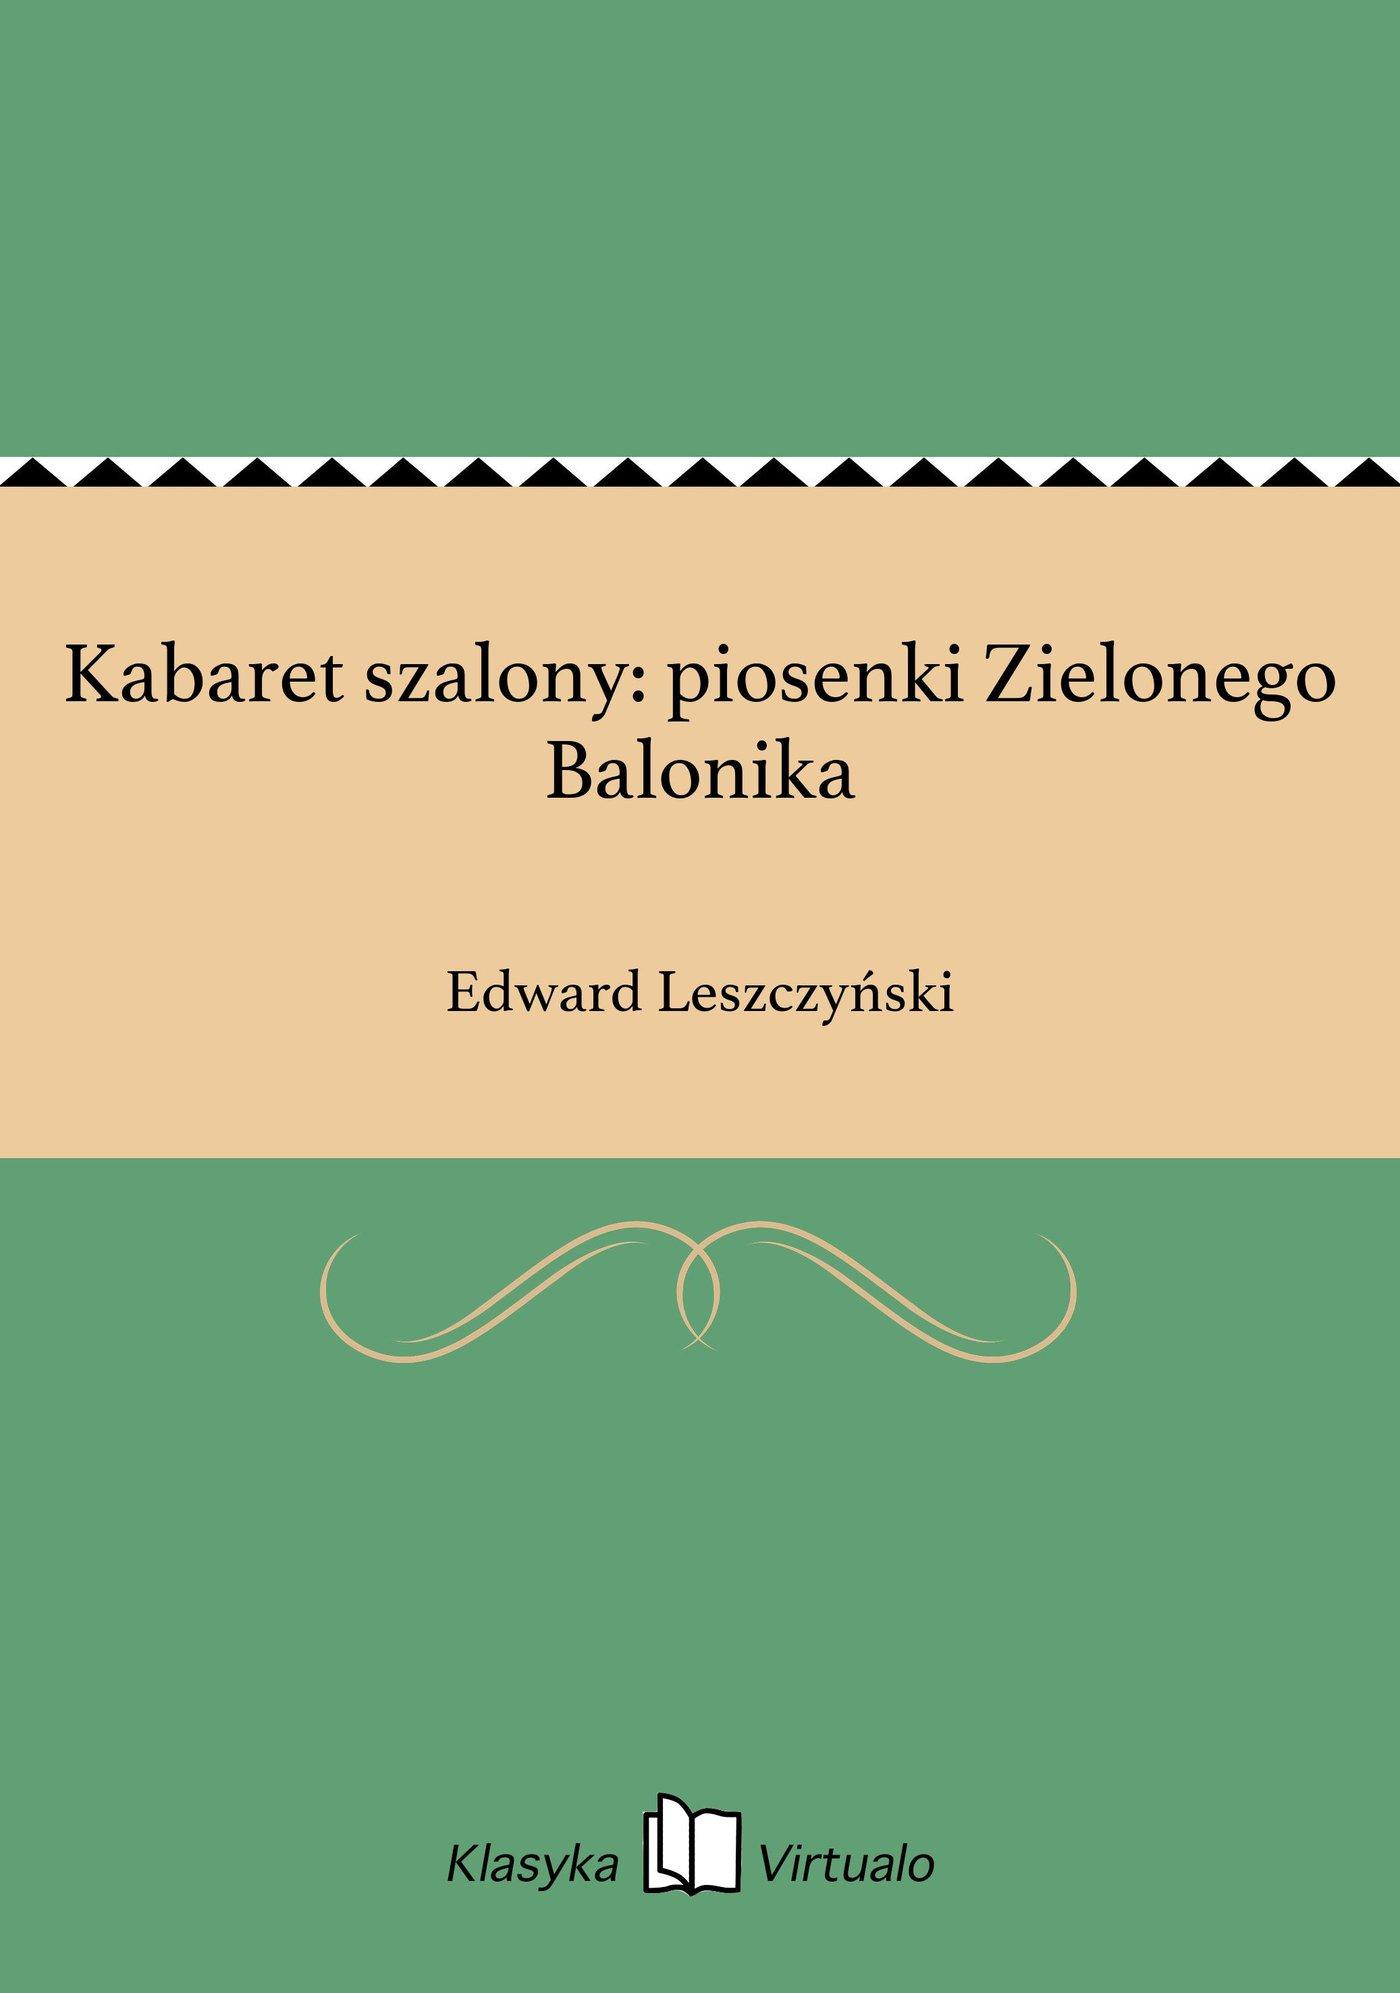 Kabaret szalony: piosenki Zielonego Balonika - Ebook (Książka EPUB) do pobrania w formacie EPUB